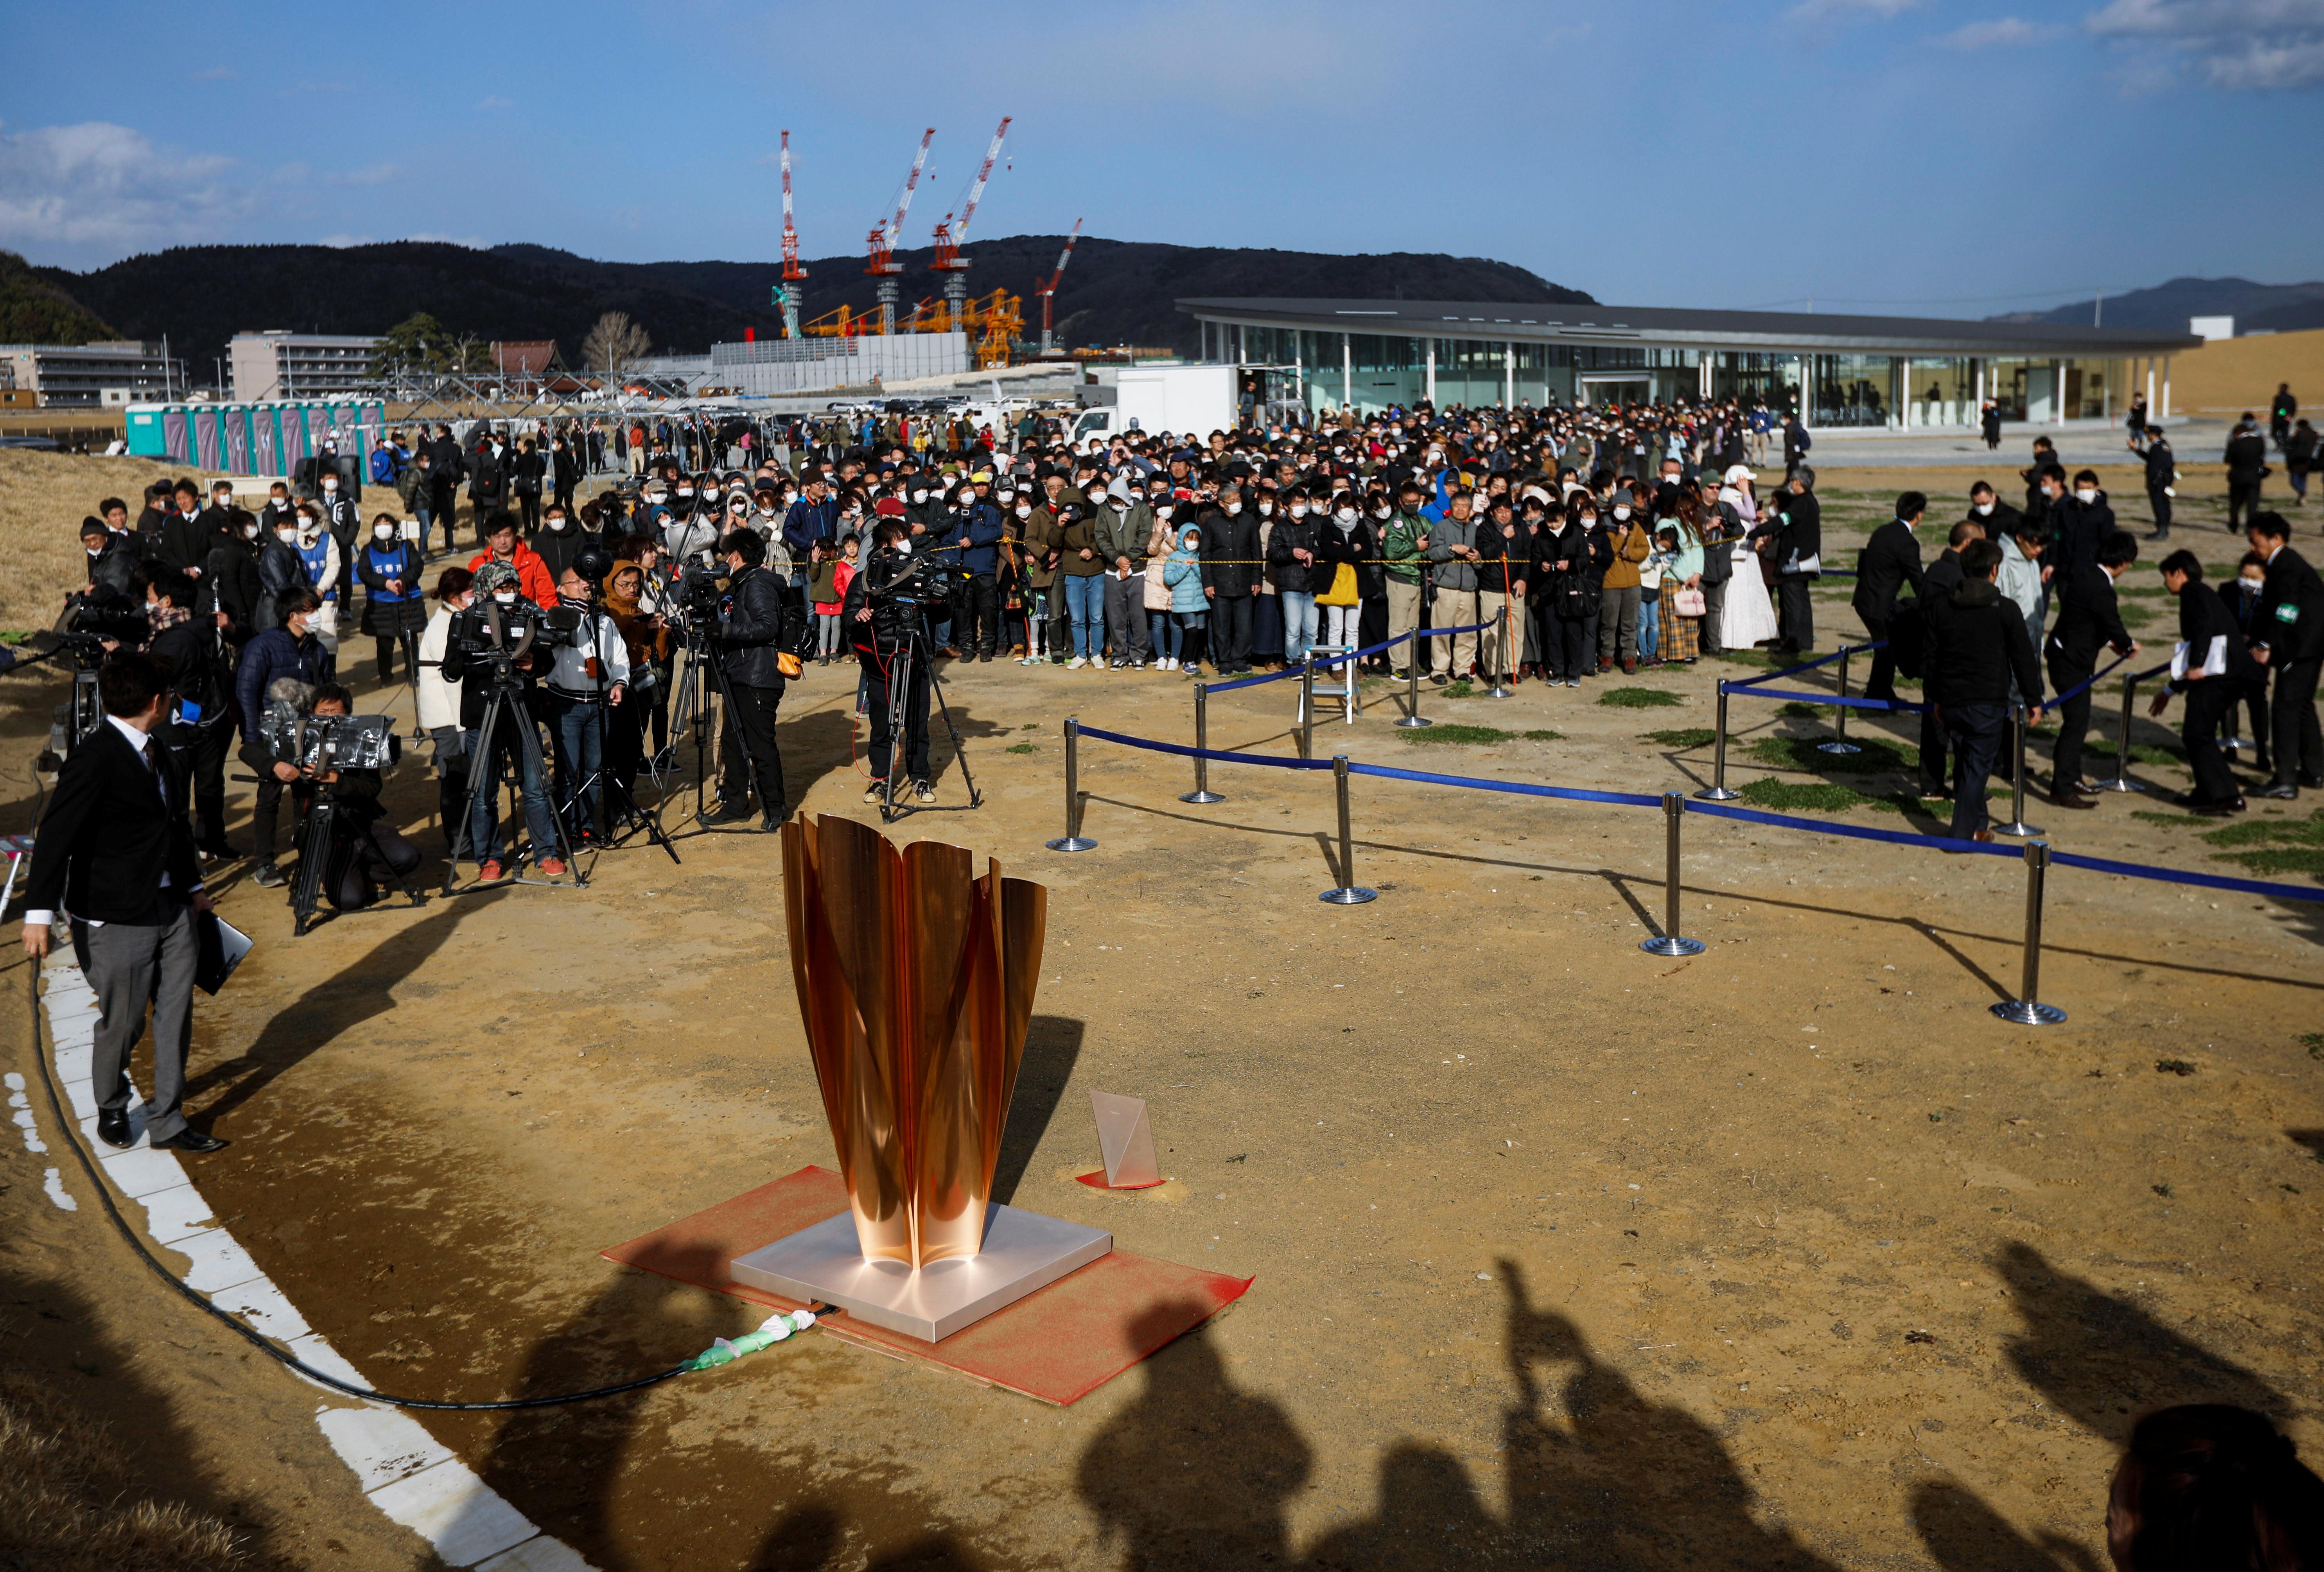 توافد الآلاف لرؤية الشعلة الأولمبية برغم فيروس كورونا